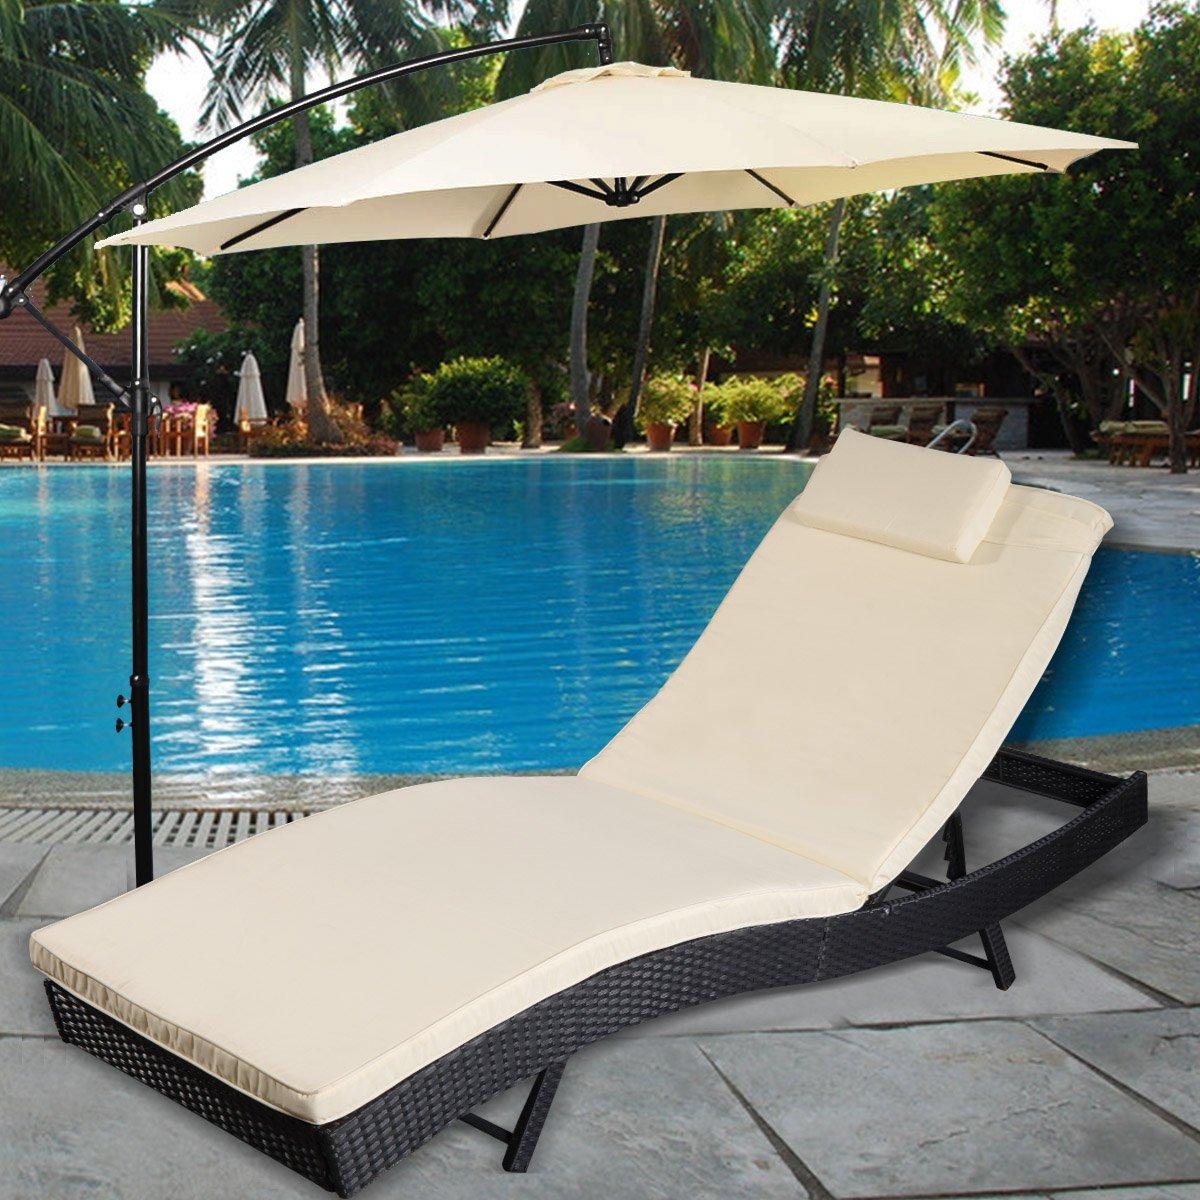 Polyratten Gartenliege Sonnenliege Relaxliege Gartenstuhl Liegestuhl inkl. Auflage und Kopfkissen Ratten Lounge Liege Garnitur Gartenmöbel Outdoor